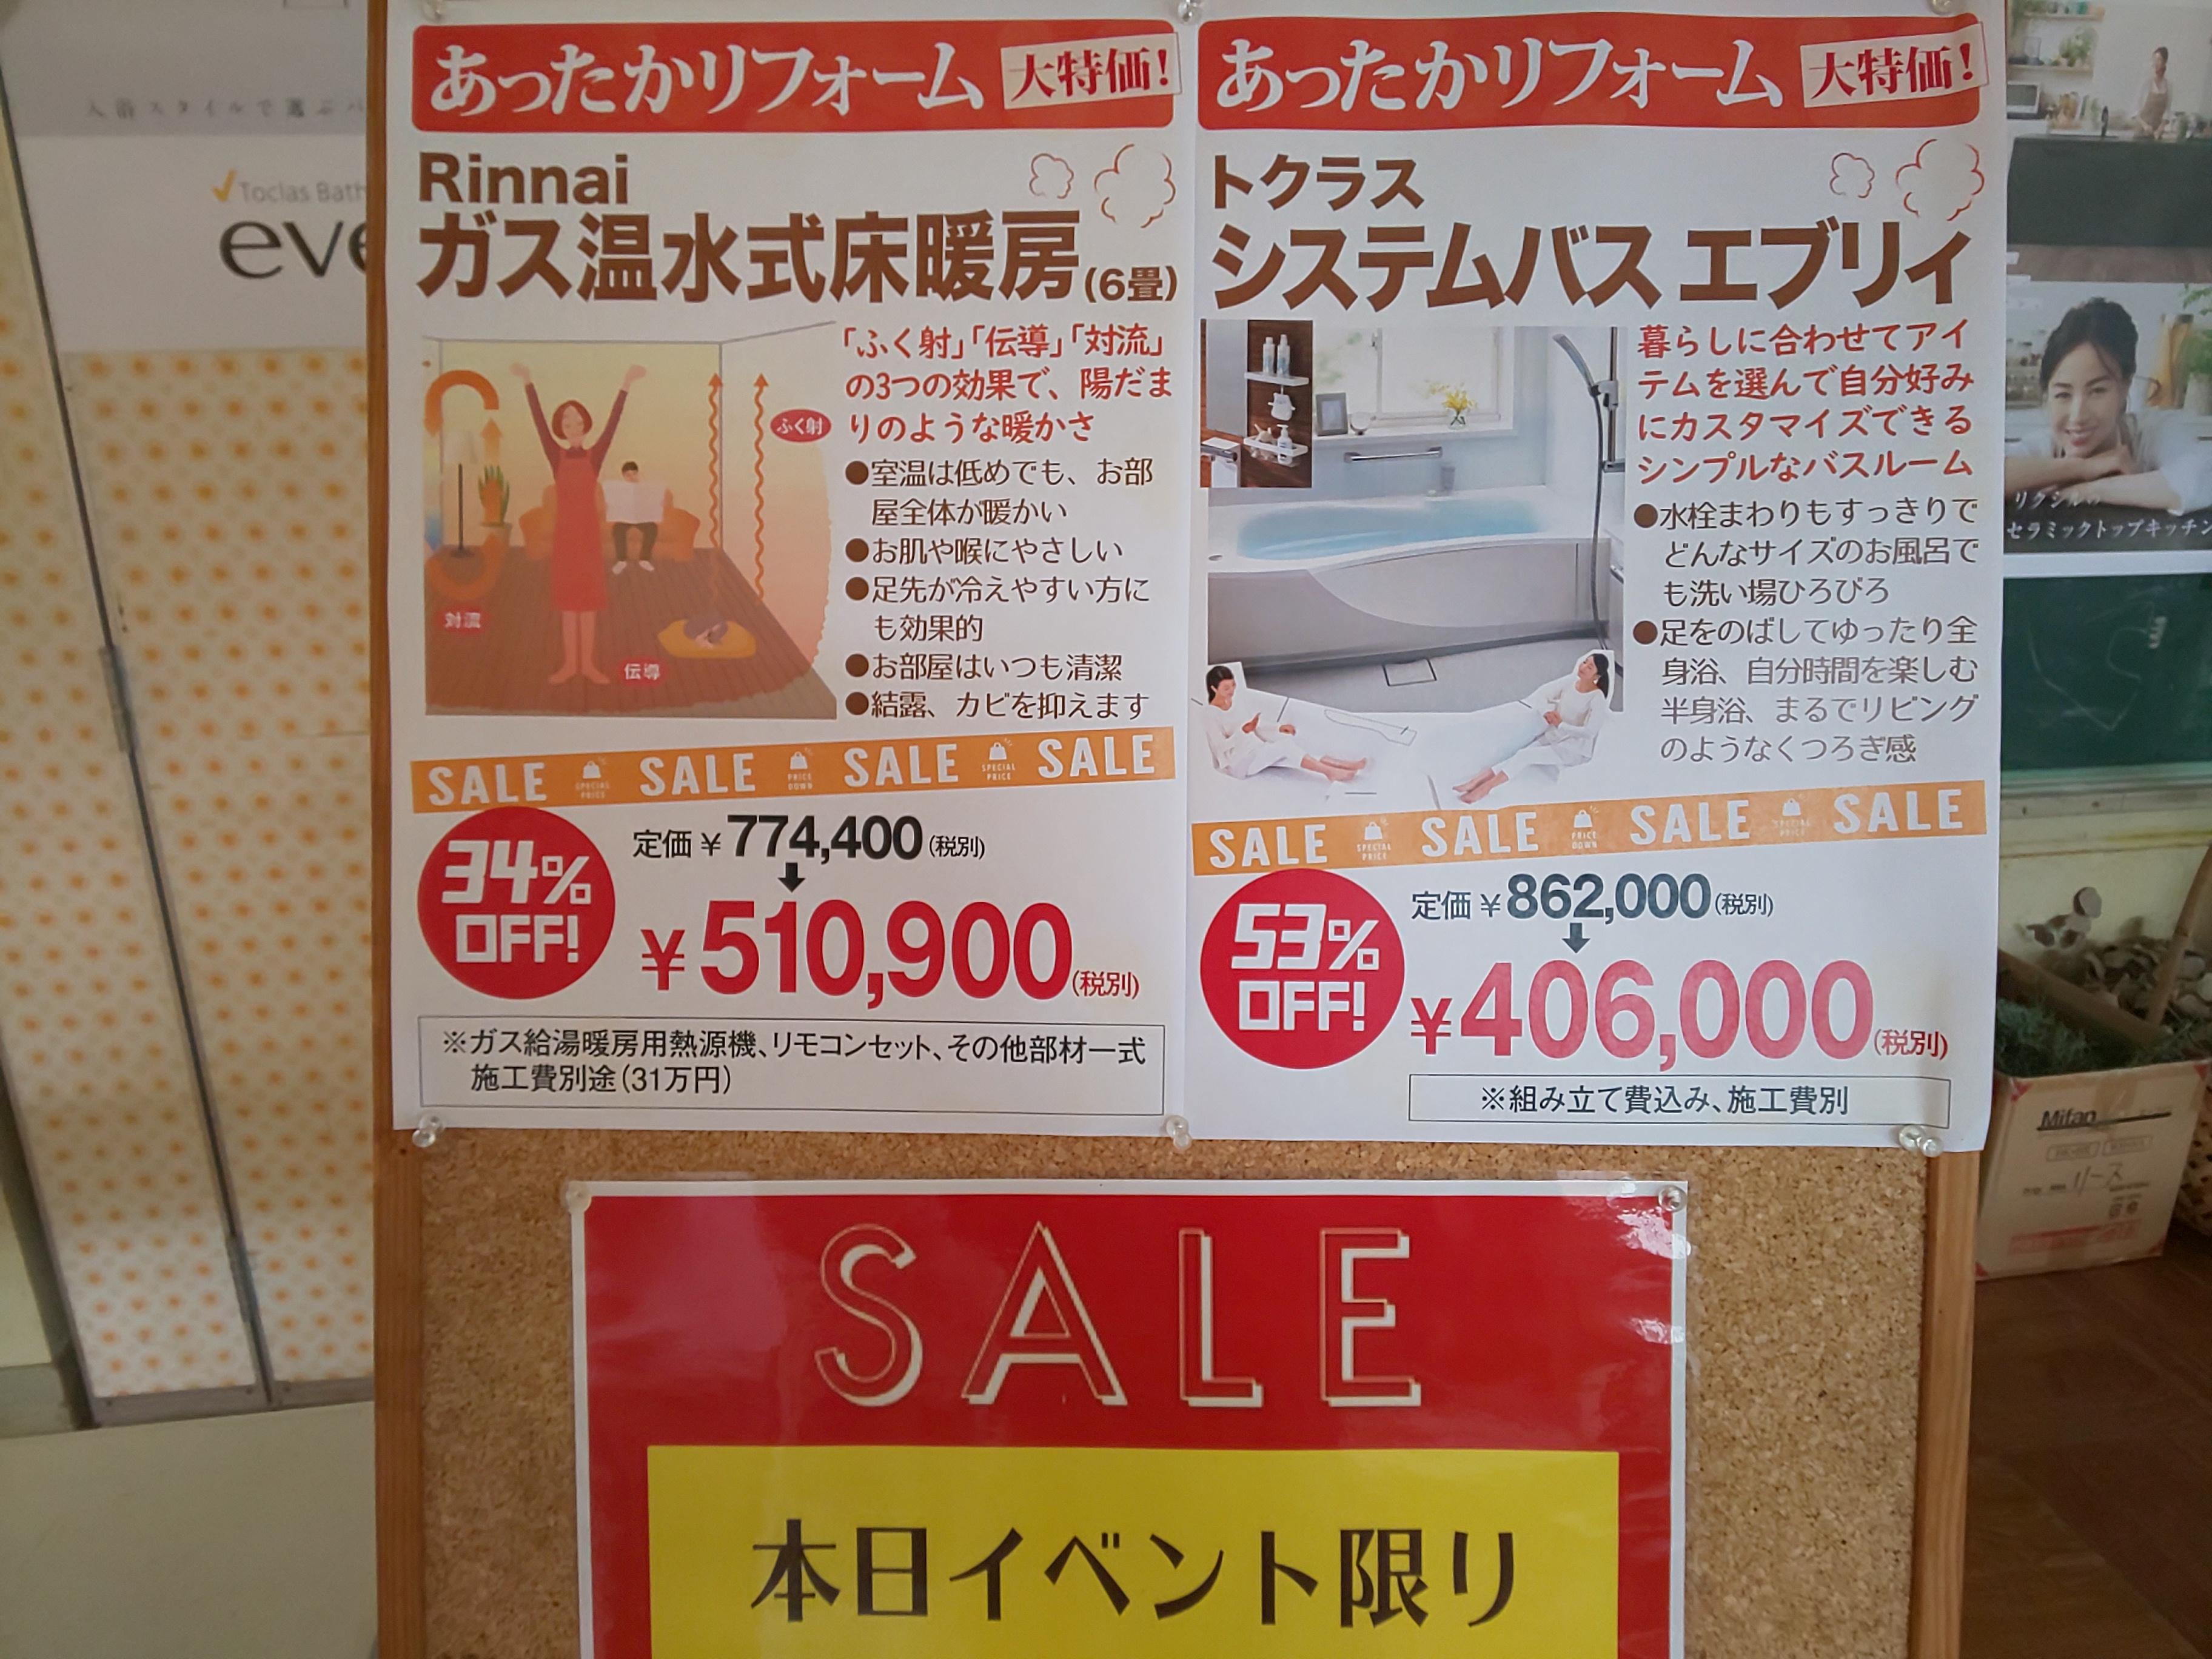 DSC_2146-1 いよいよ11/9(土)イベント・11/10(日)FOODマーケット出店!